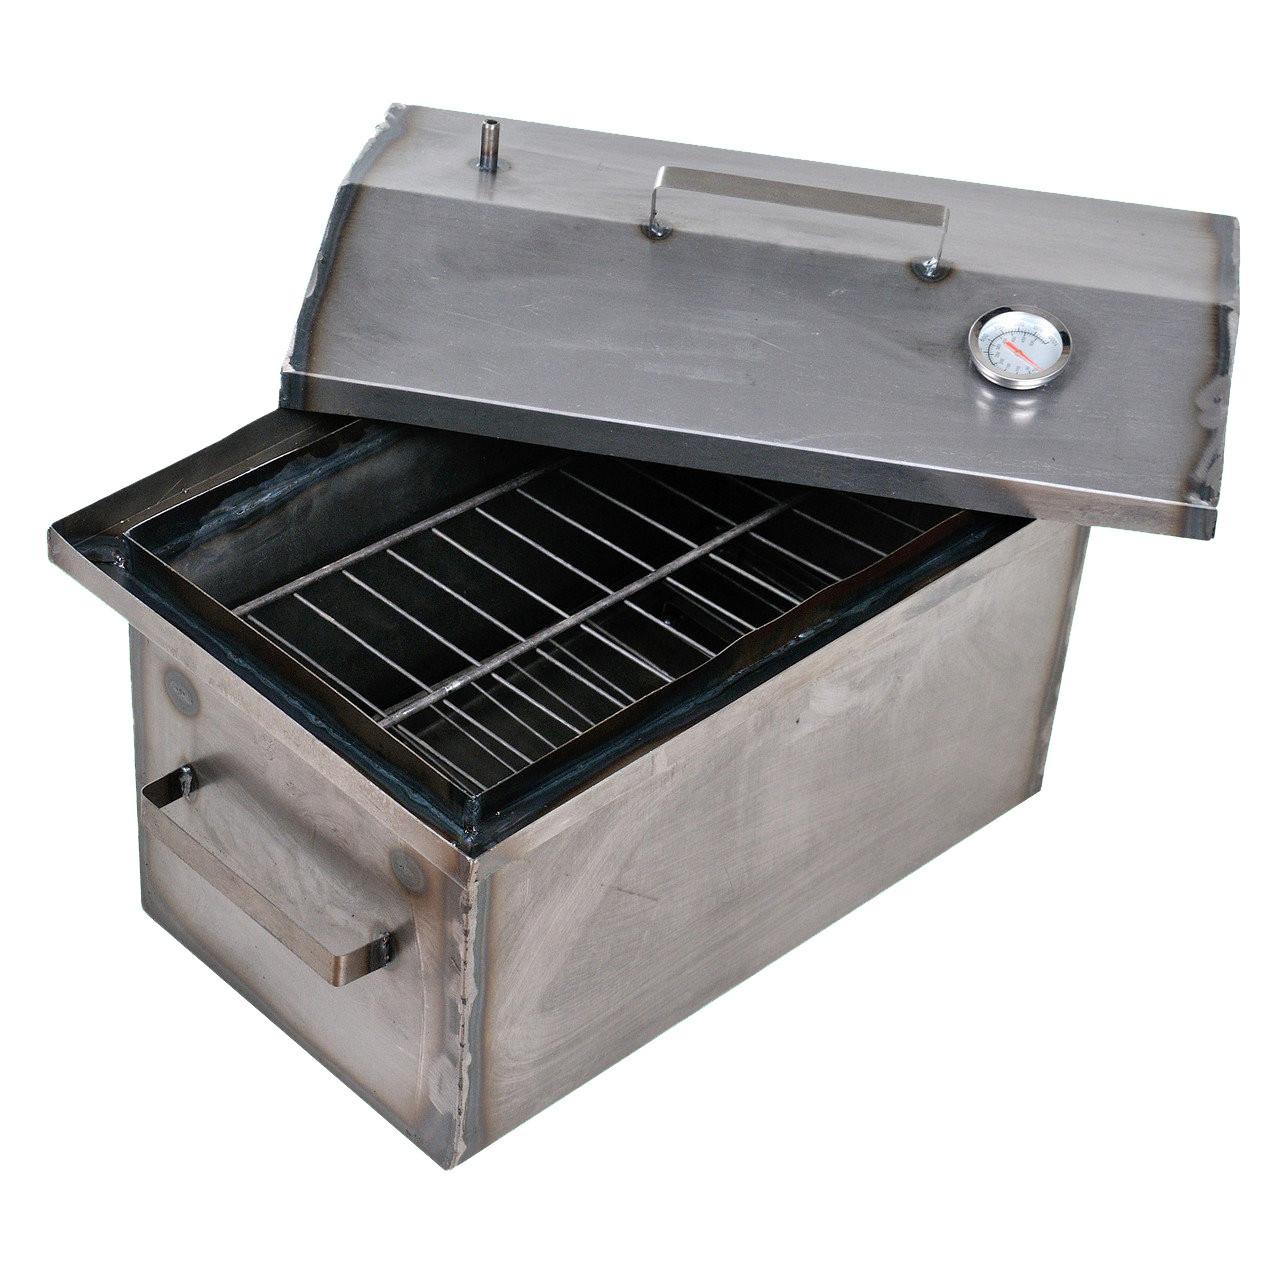 Коптильня горячего копчения 2мм 520х310х280мм с термометром (коптилка,каптилка)